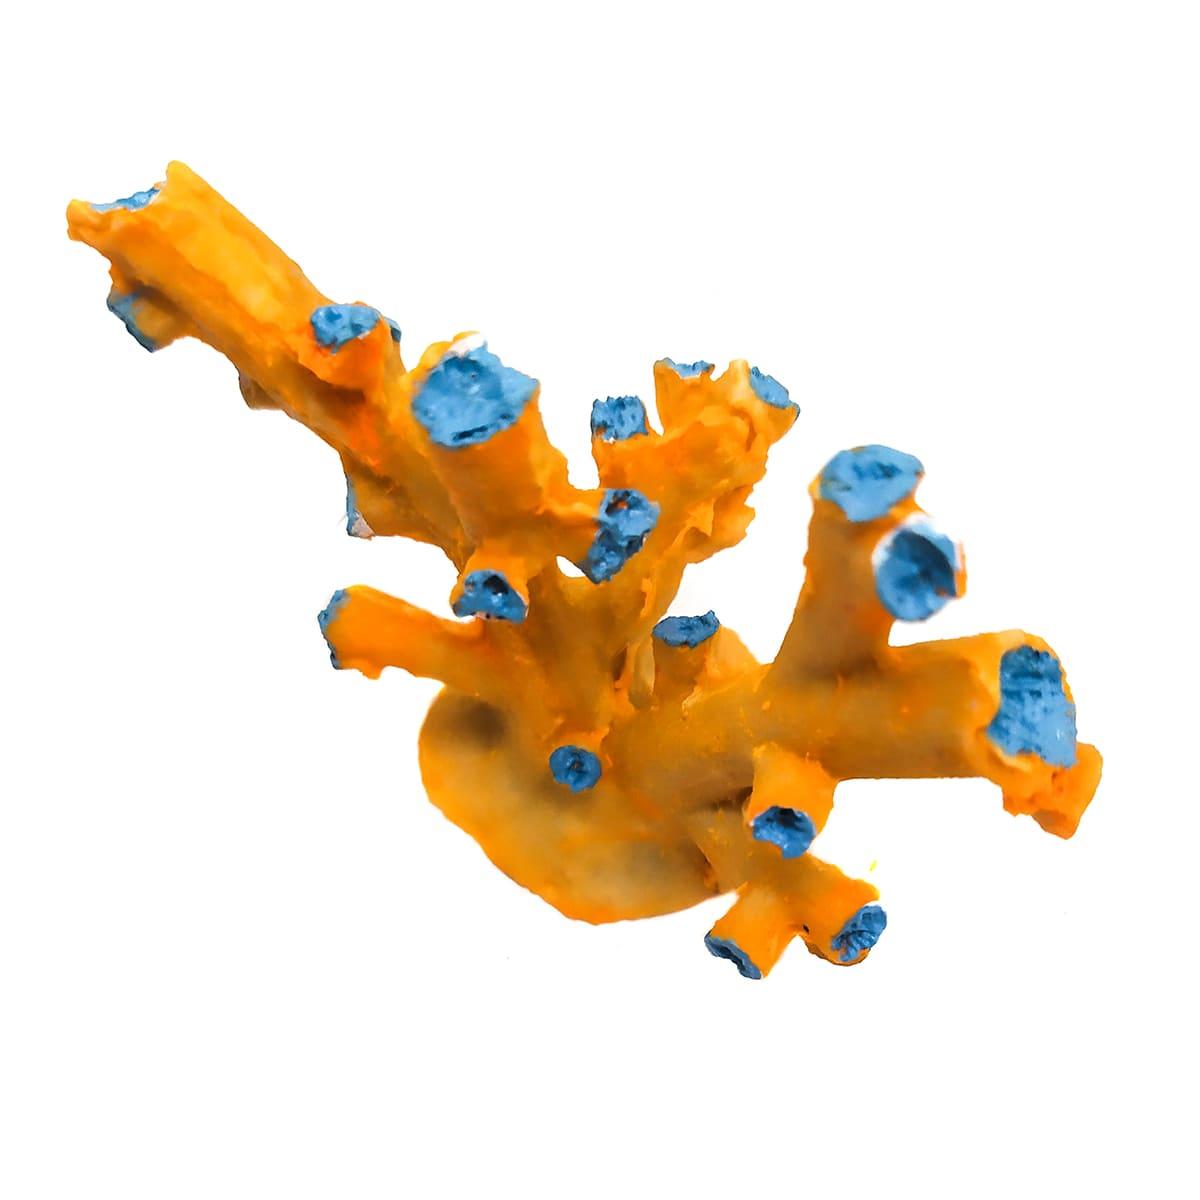 Boyu Enfeite De Resina Coral Sps Amarelo Cw-123 052001